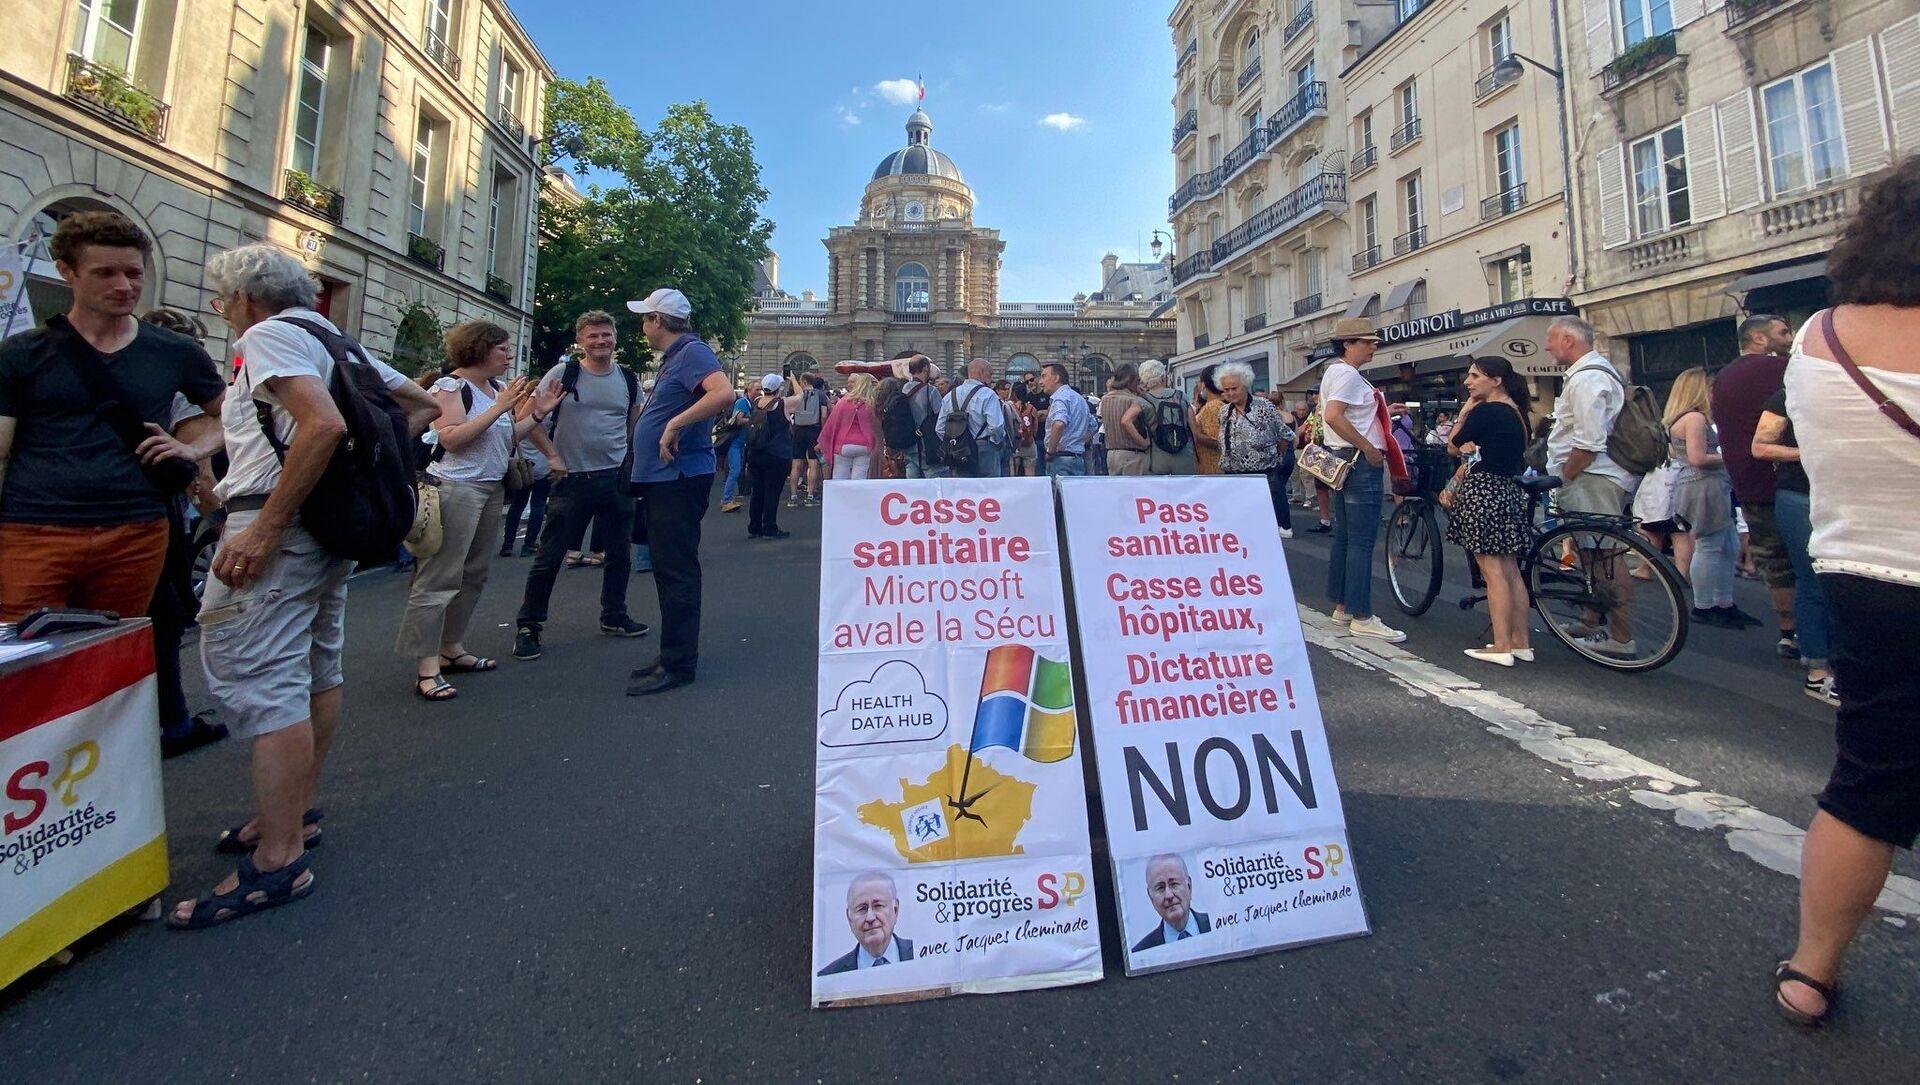 Manifestation contre l'extension du pass sanitaire à Paris, le 22 juillet 2021 - Sputnik France, 1920, 26.07.2021